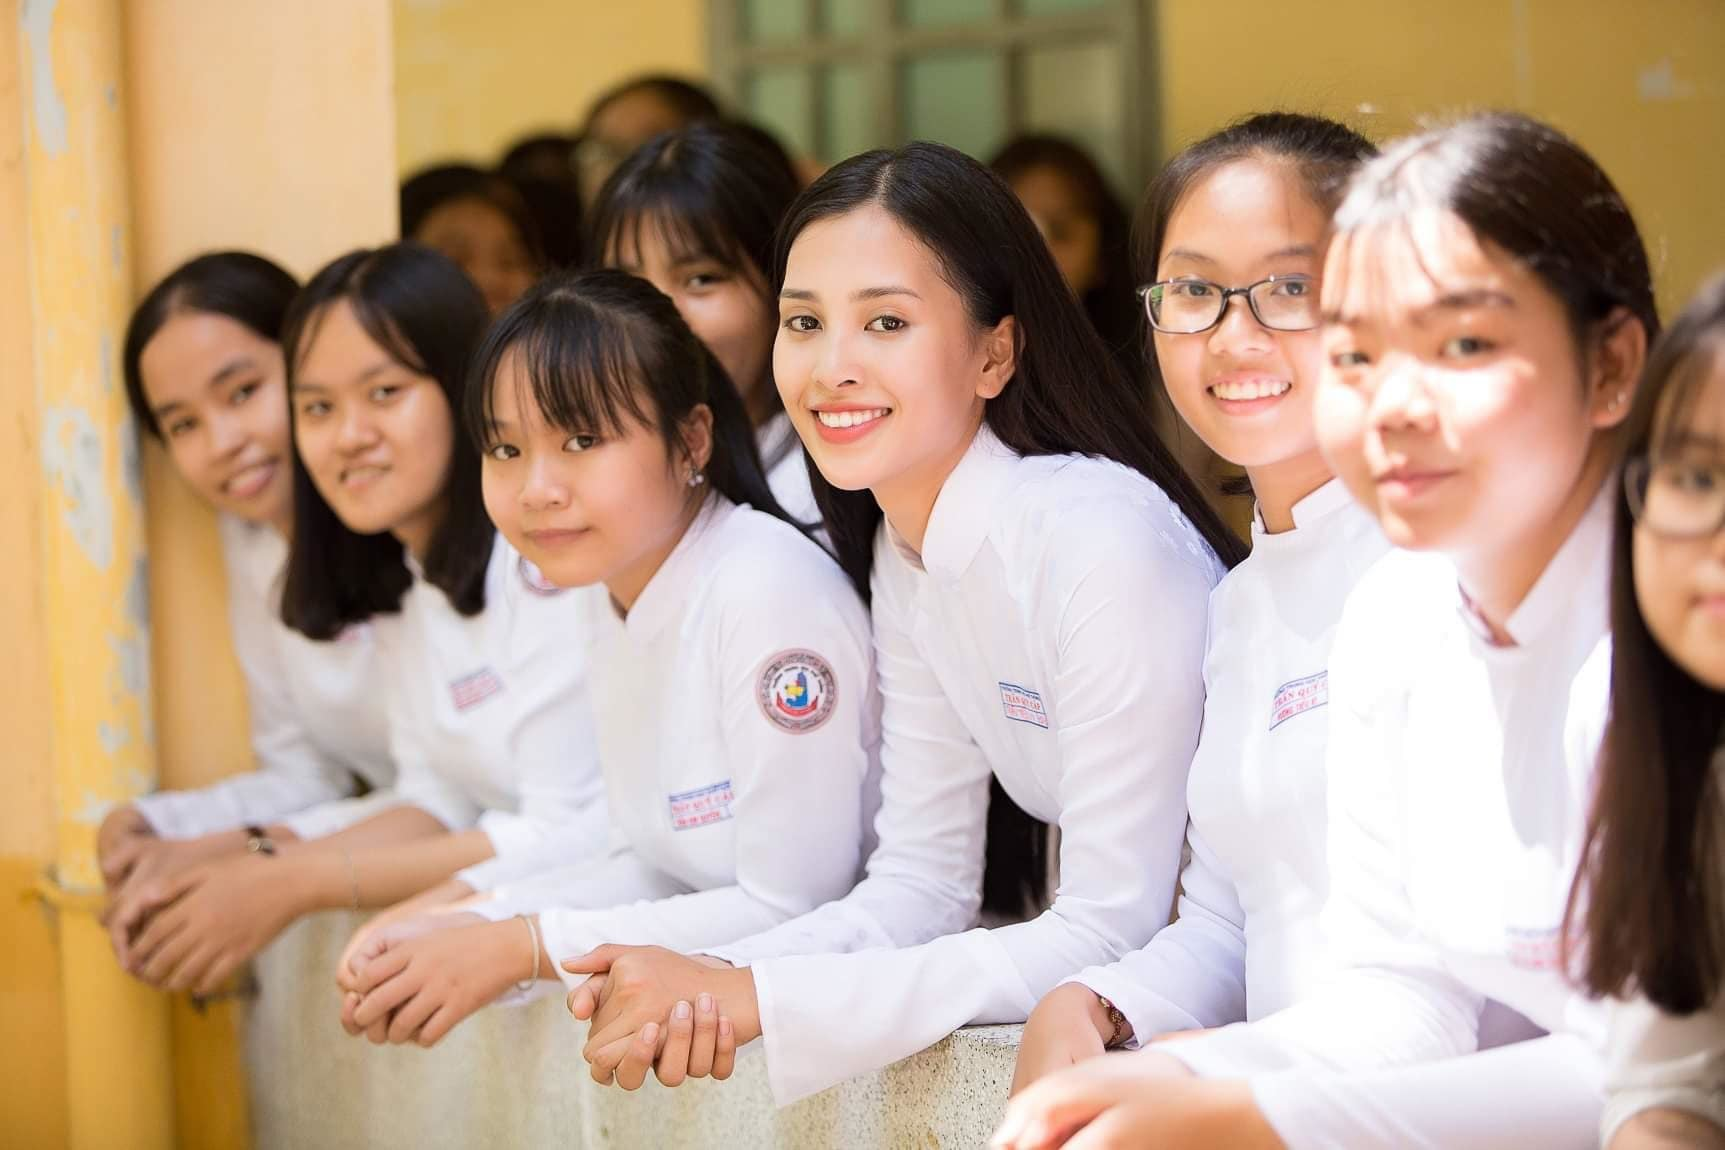 Về nhà đi con,Bảo Thanh,Bảo Hân,Trọng Hùng,MC Tuấn Tú,Hoàng Thùy Linh,Phạm Hương